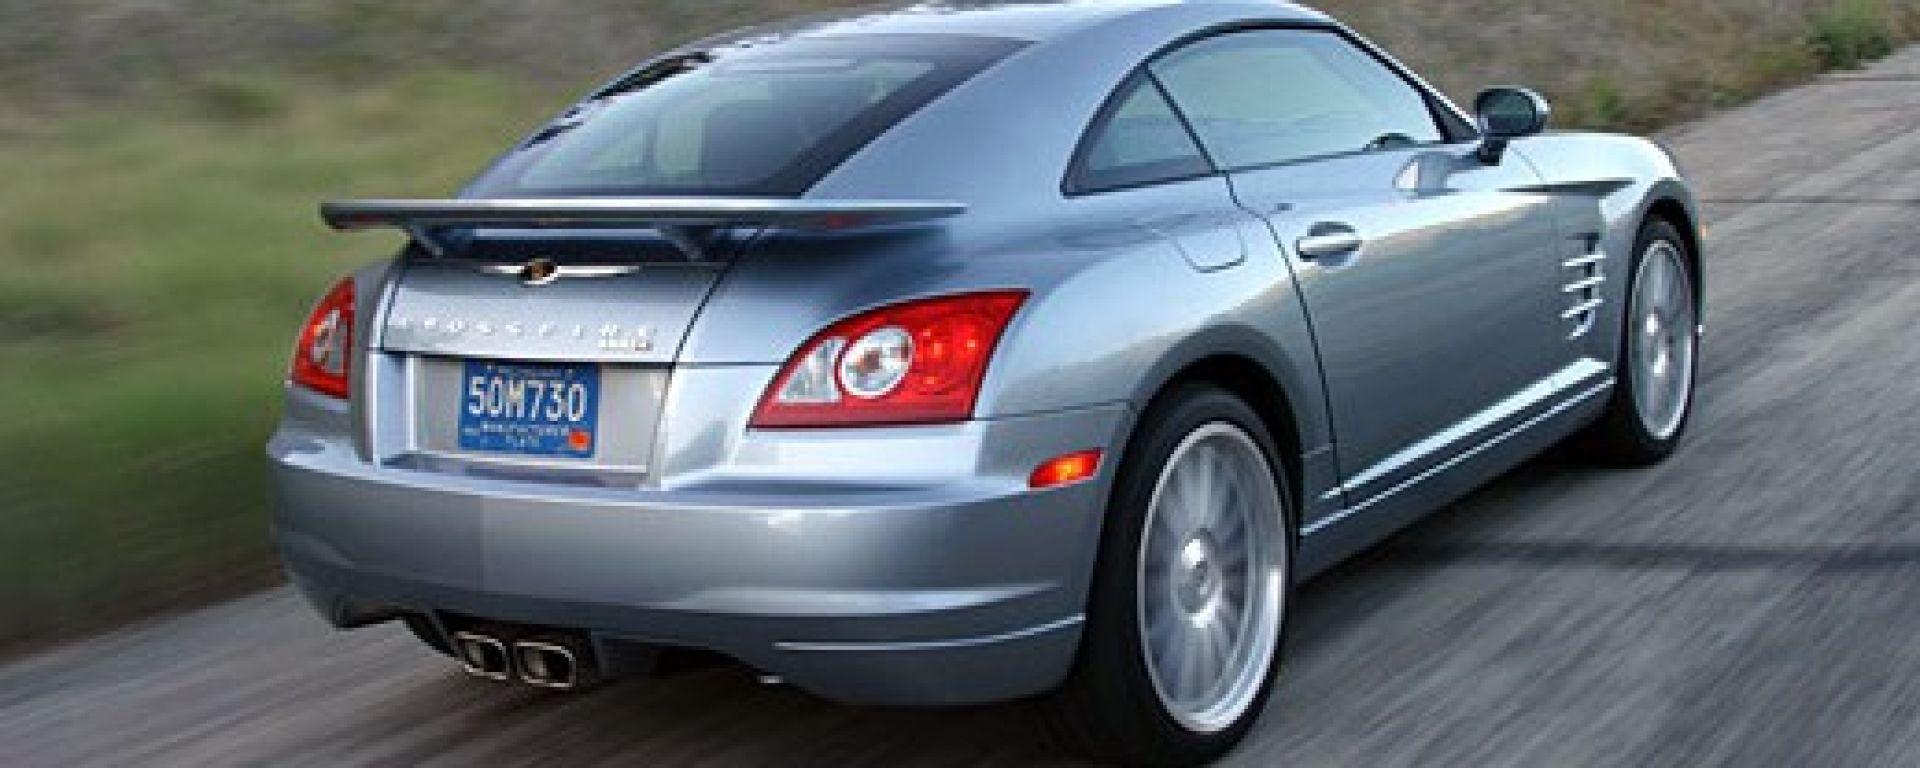 Anteprima: Chrysler Crossfire SRT-6